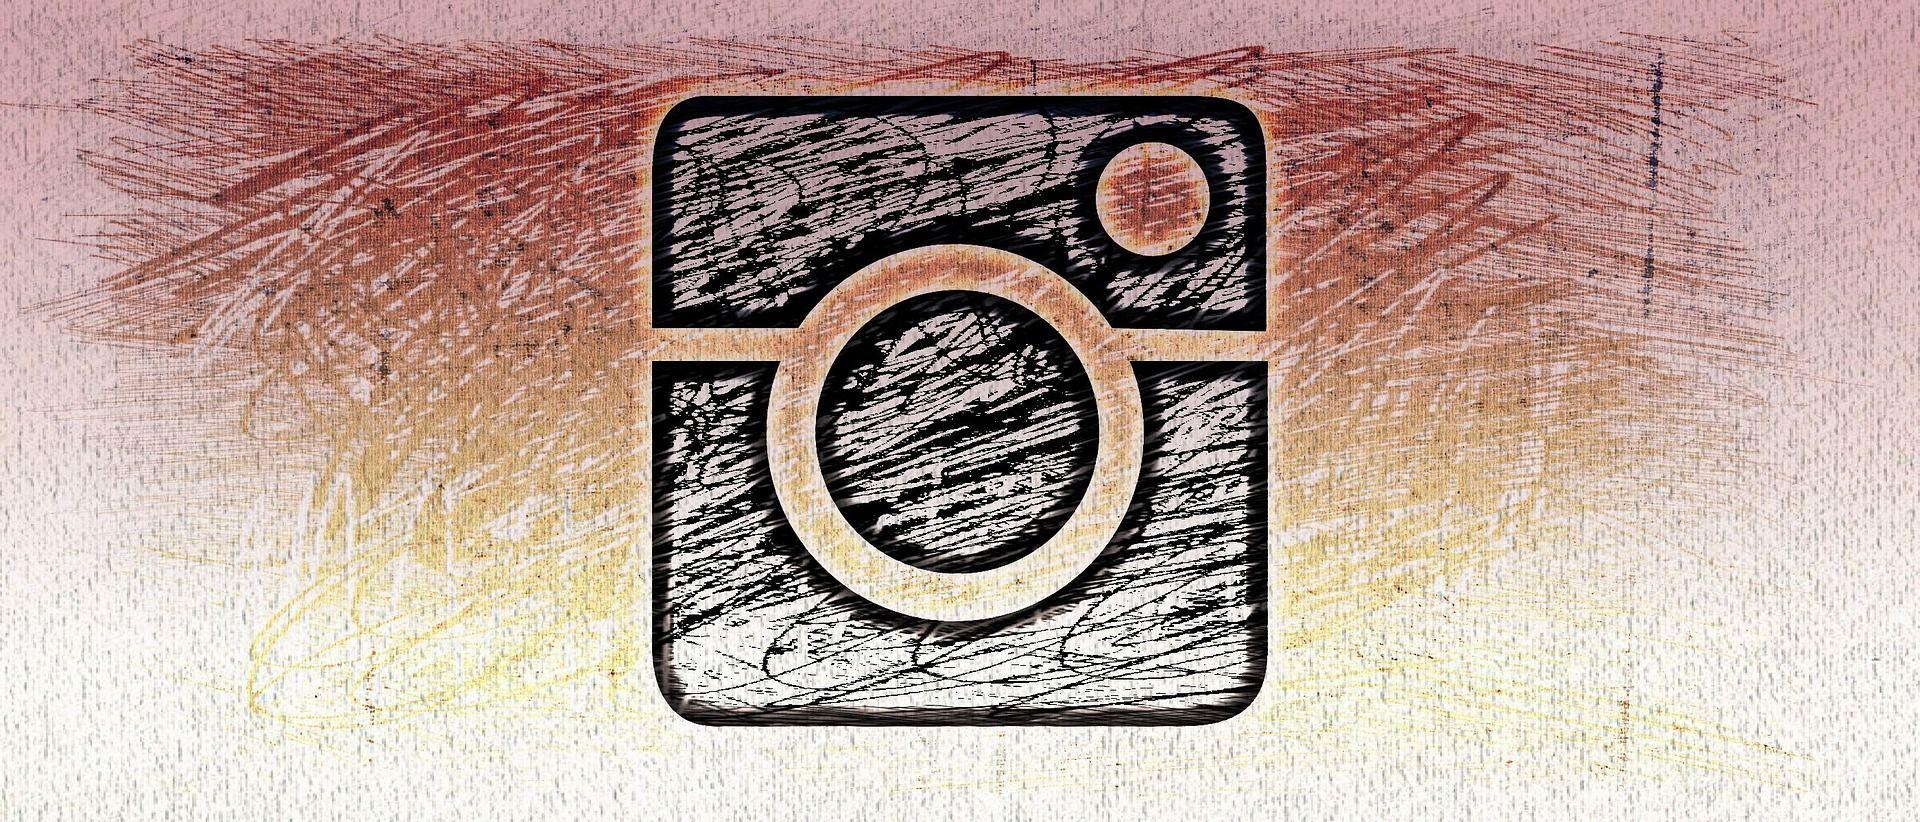 Découvrez pourquoi les comptes instagram ont perdus des millions d'abonnés !